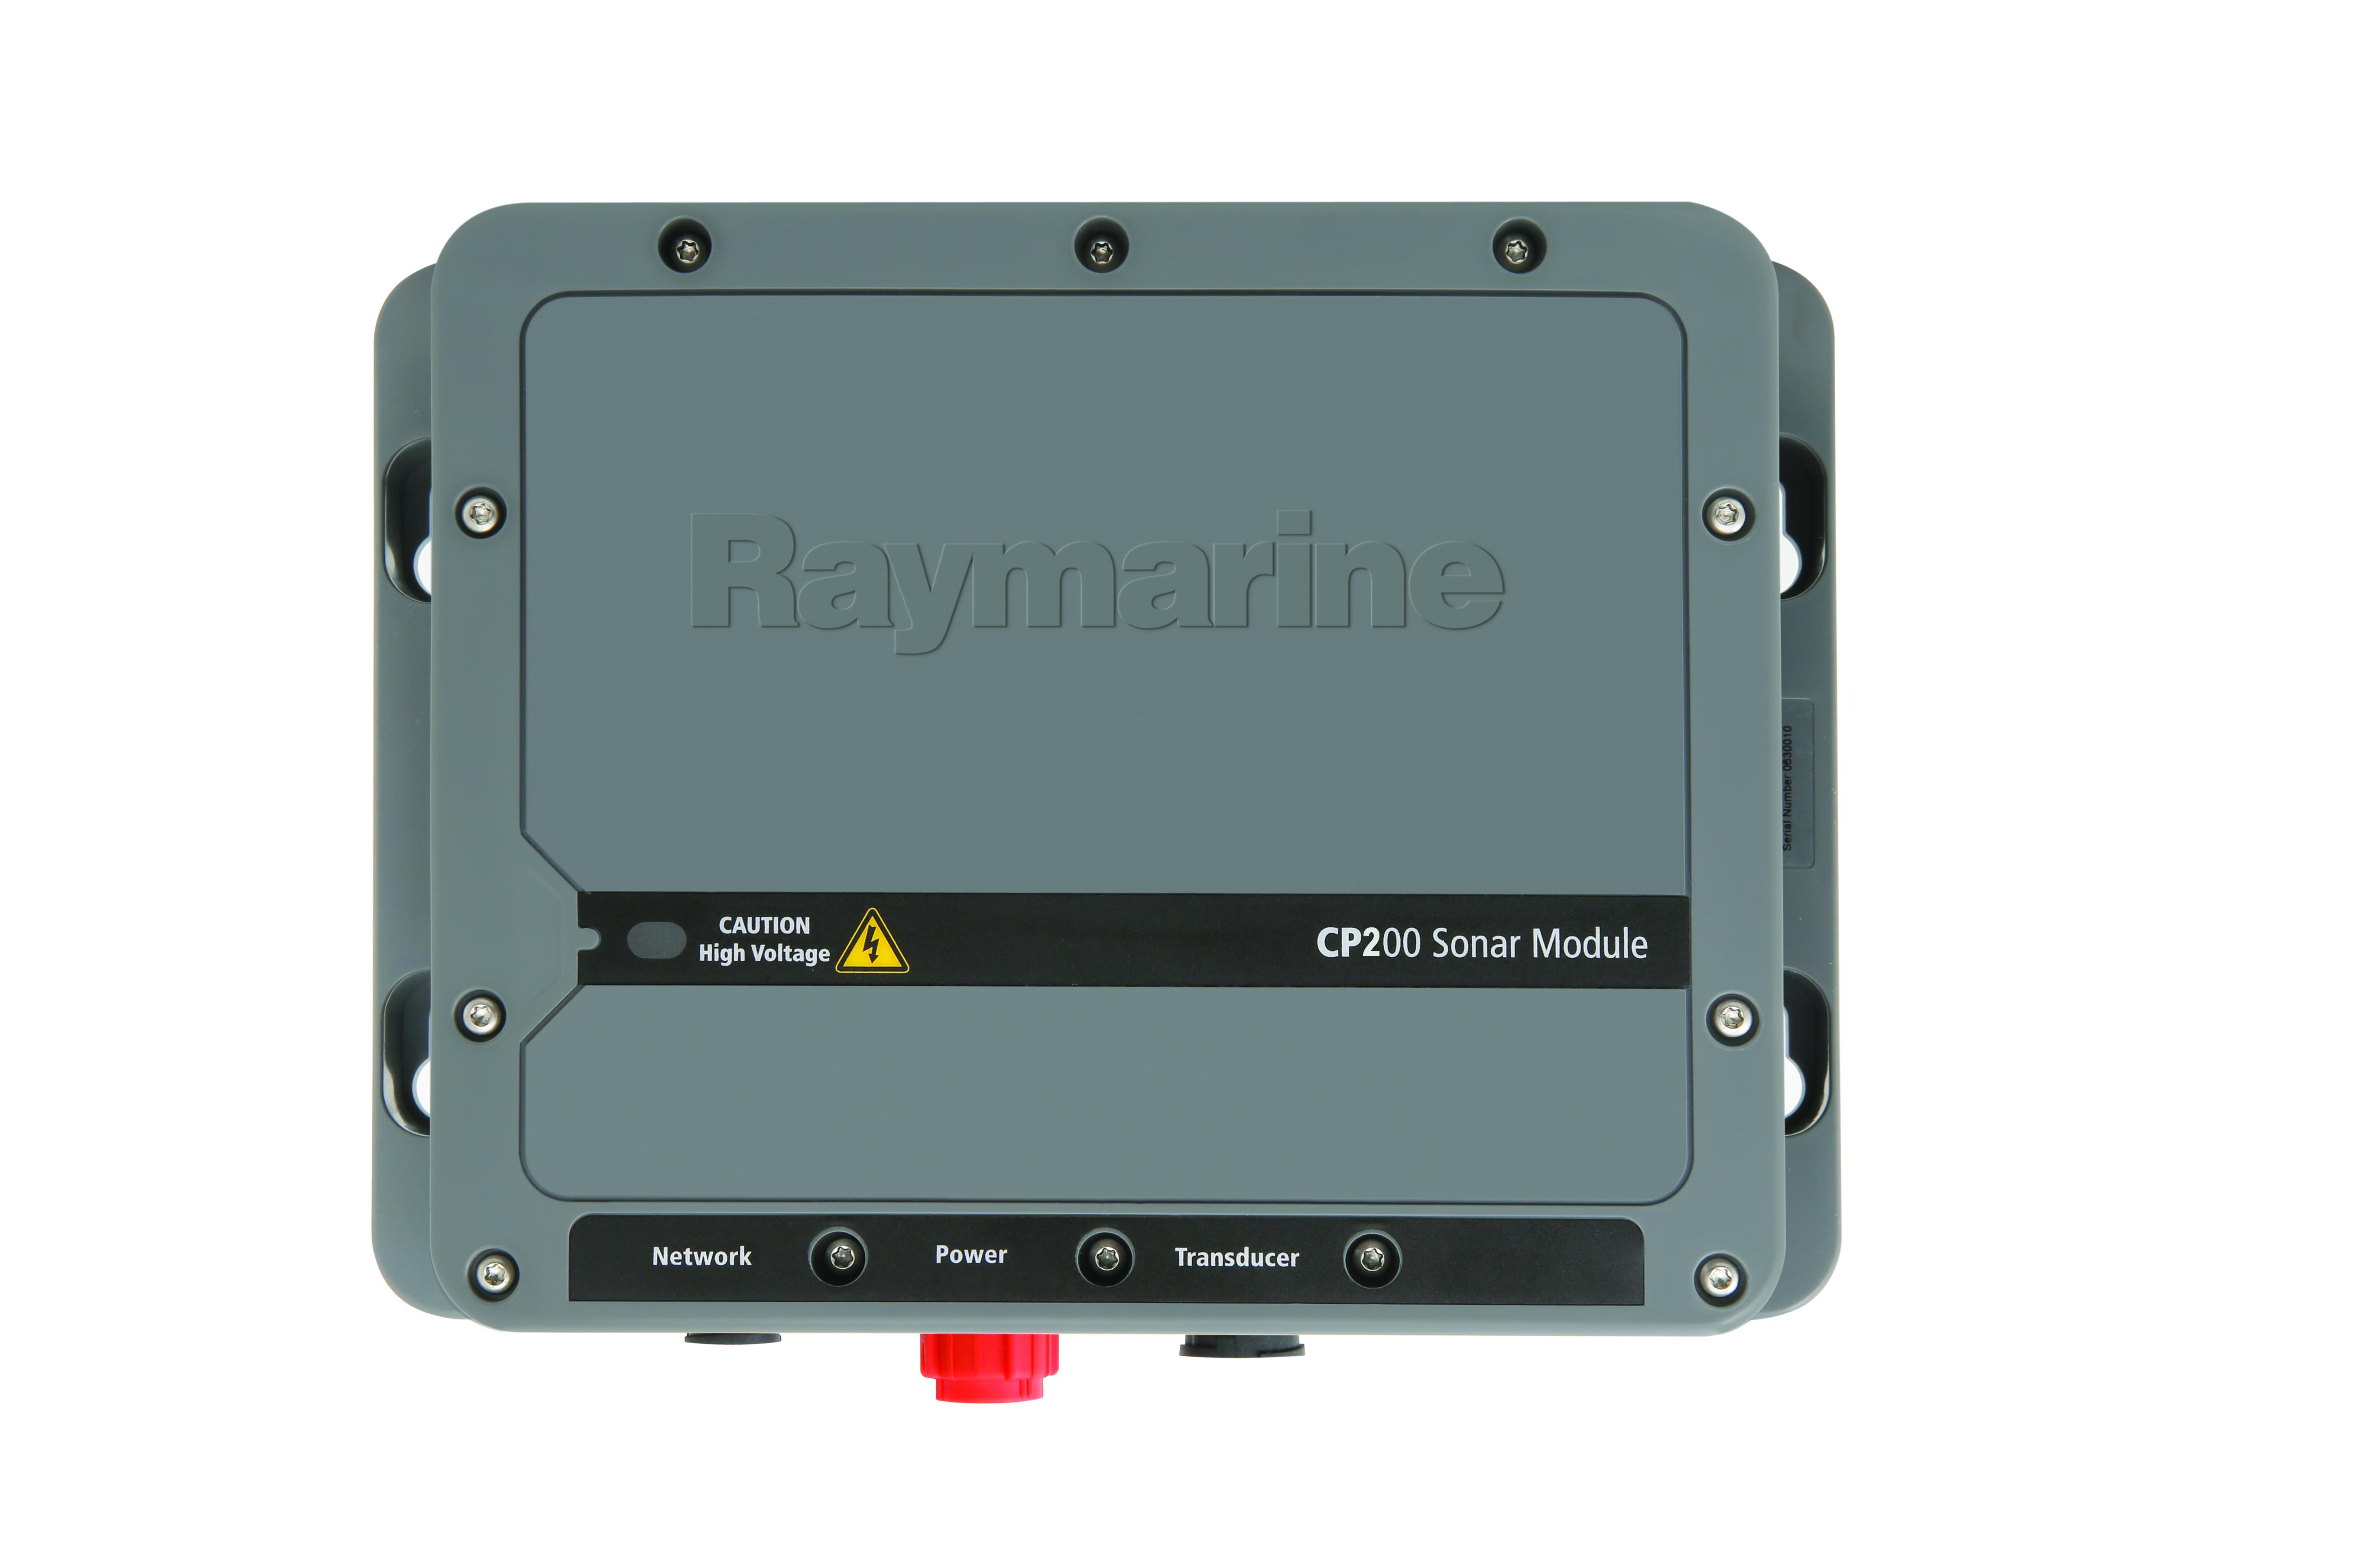 cp200 front fishfinder sonar module